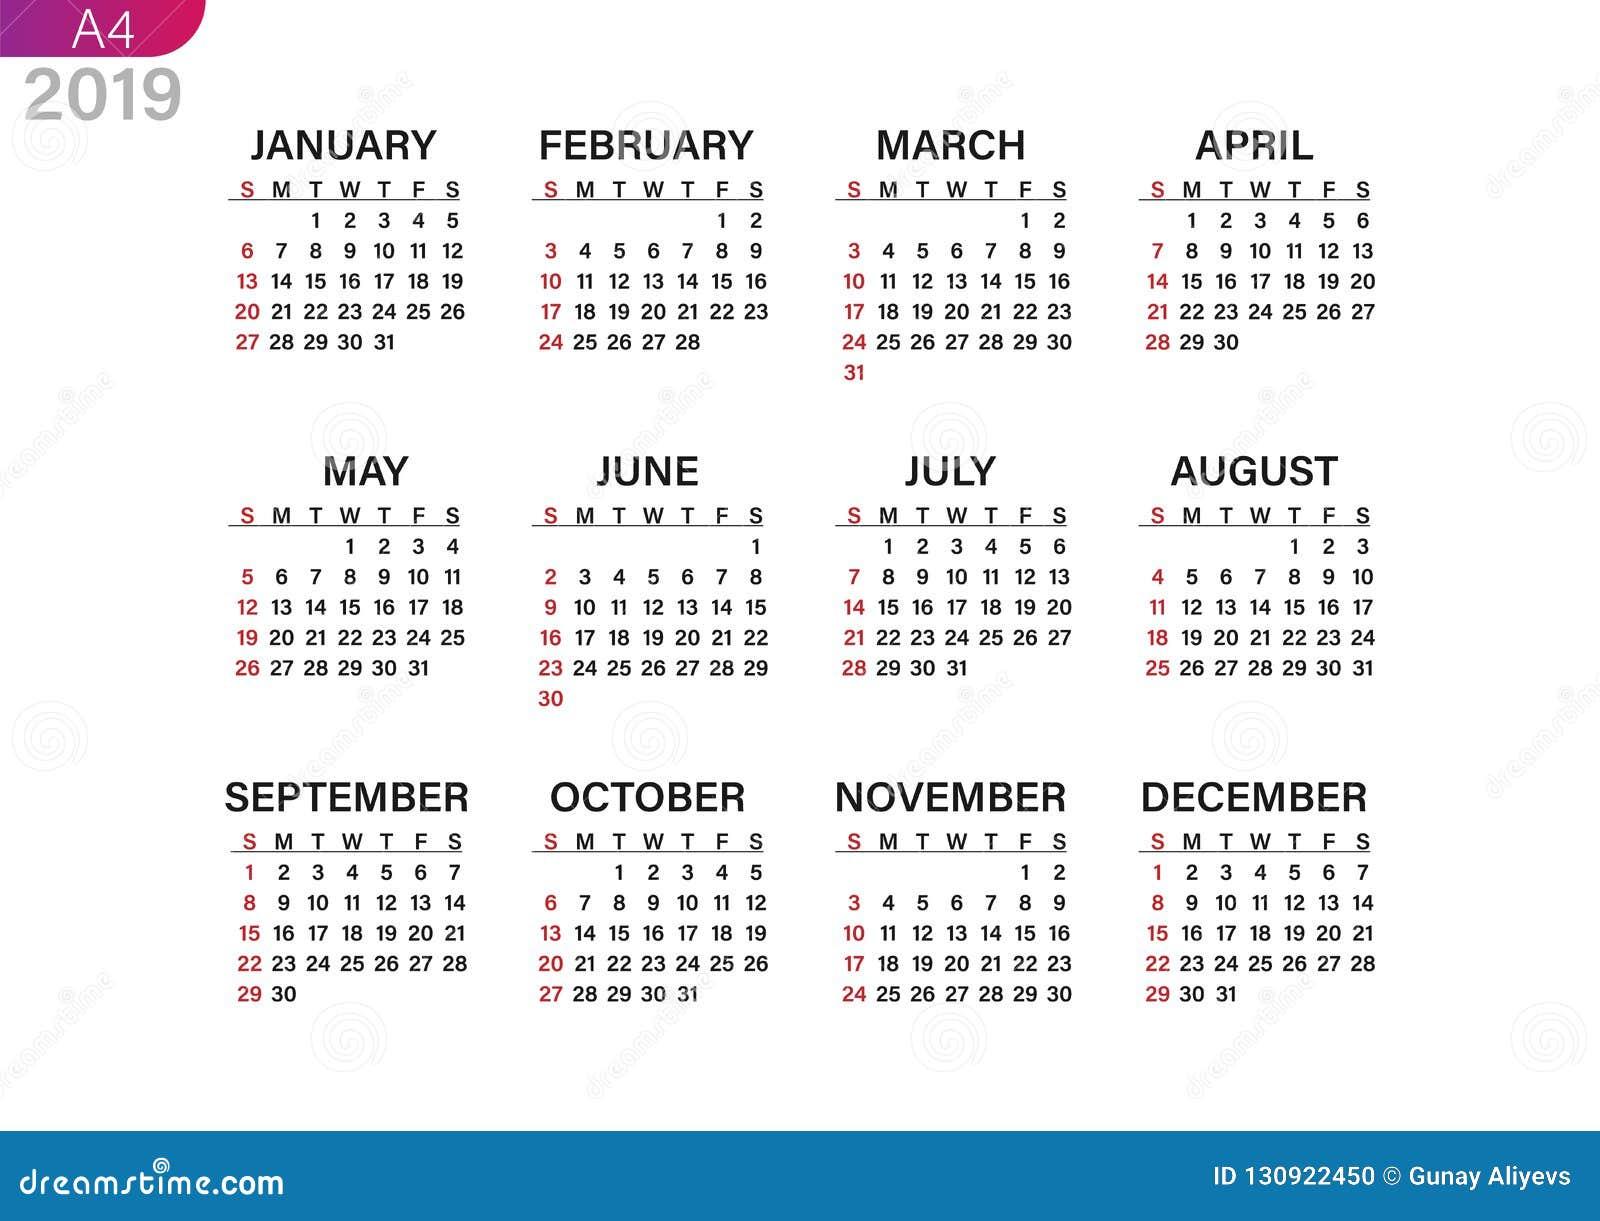 Impression du calendrier pour 2019